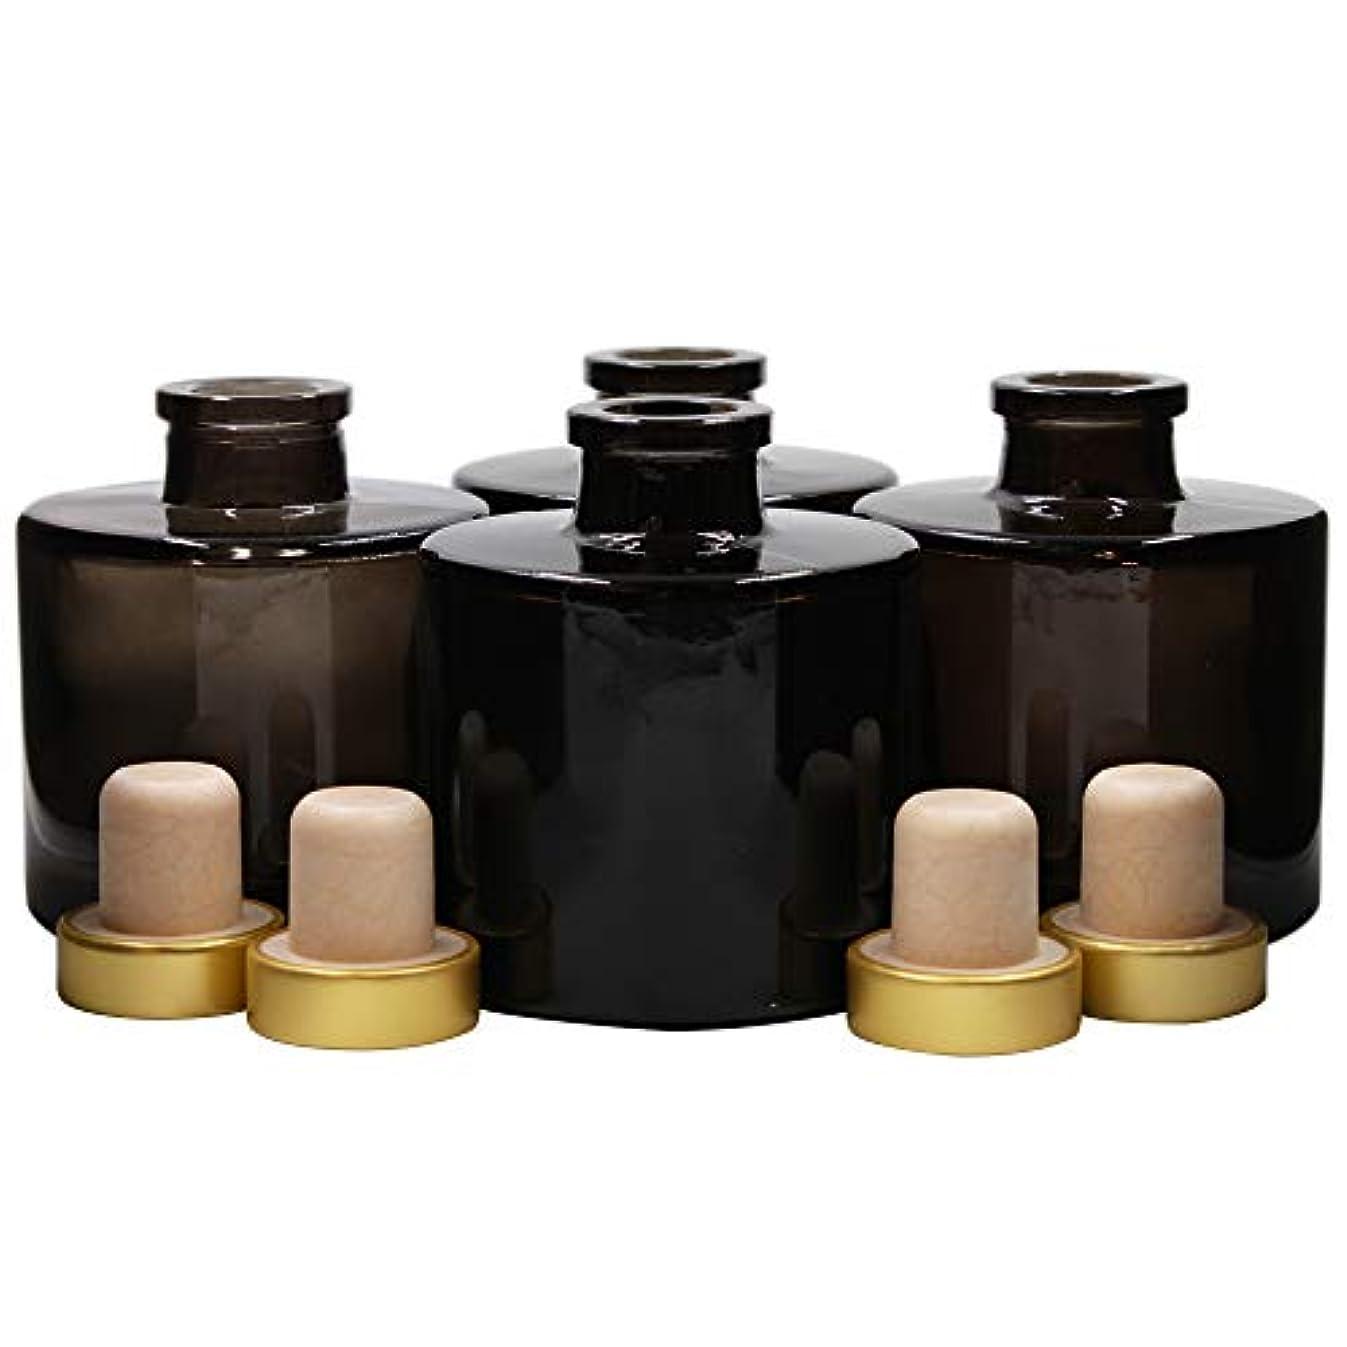 ホップ合理的提唱するFeel Fragrance リードディフューザー用 リードディフューザーボトル 容器 黒色 蓋付き 4本セット (100ML円形)